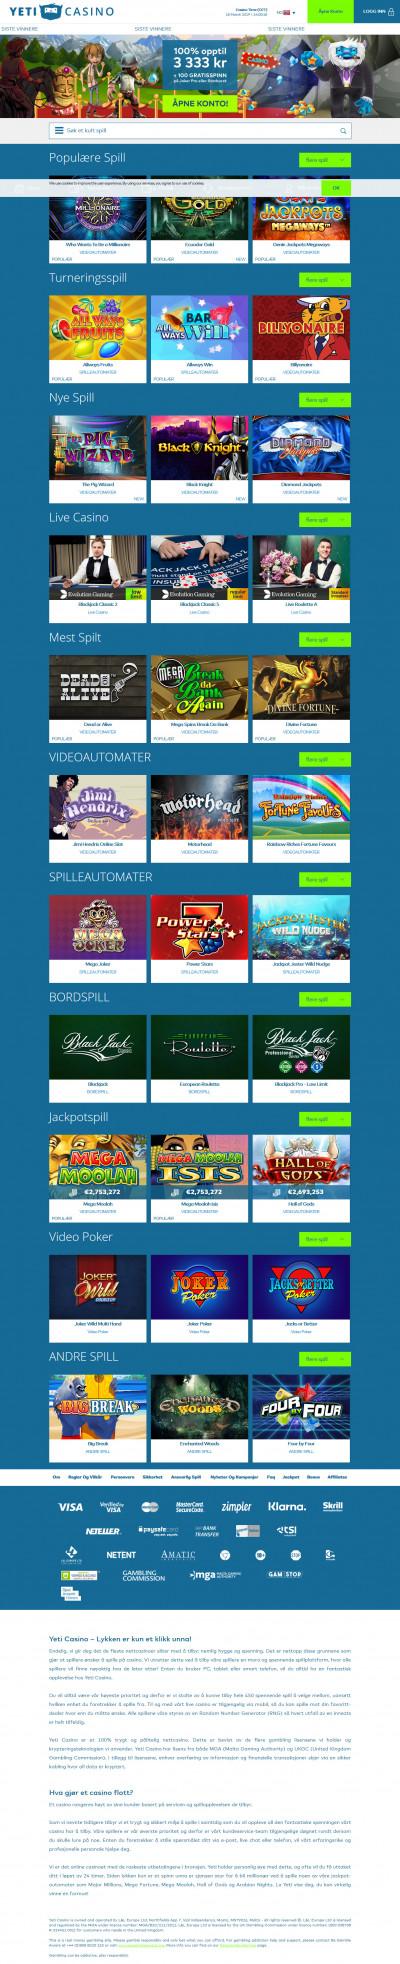 Yeti Casino Screenshot